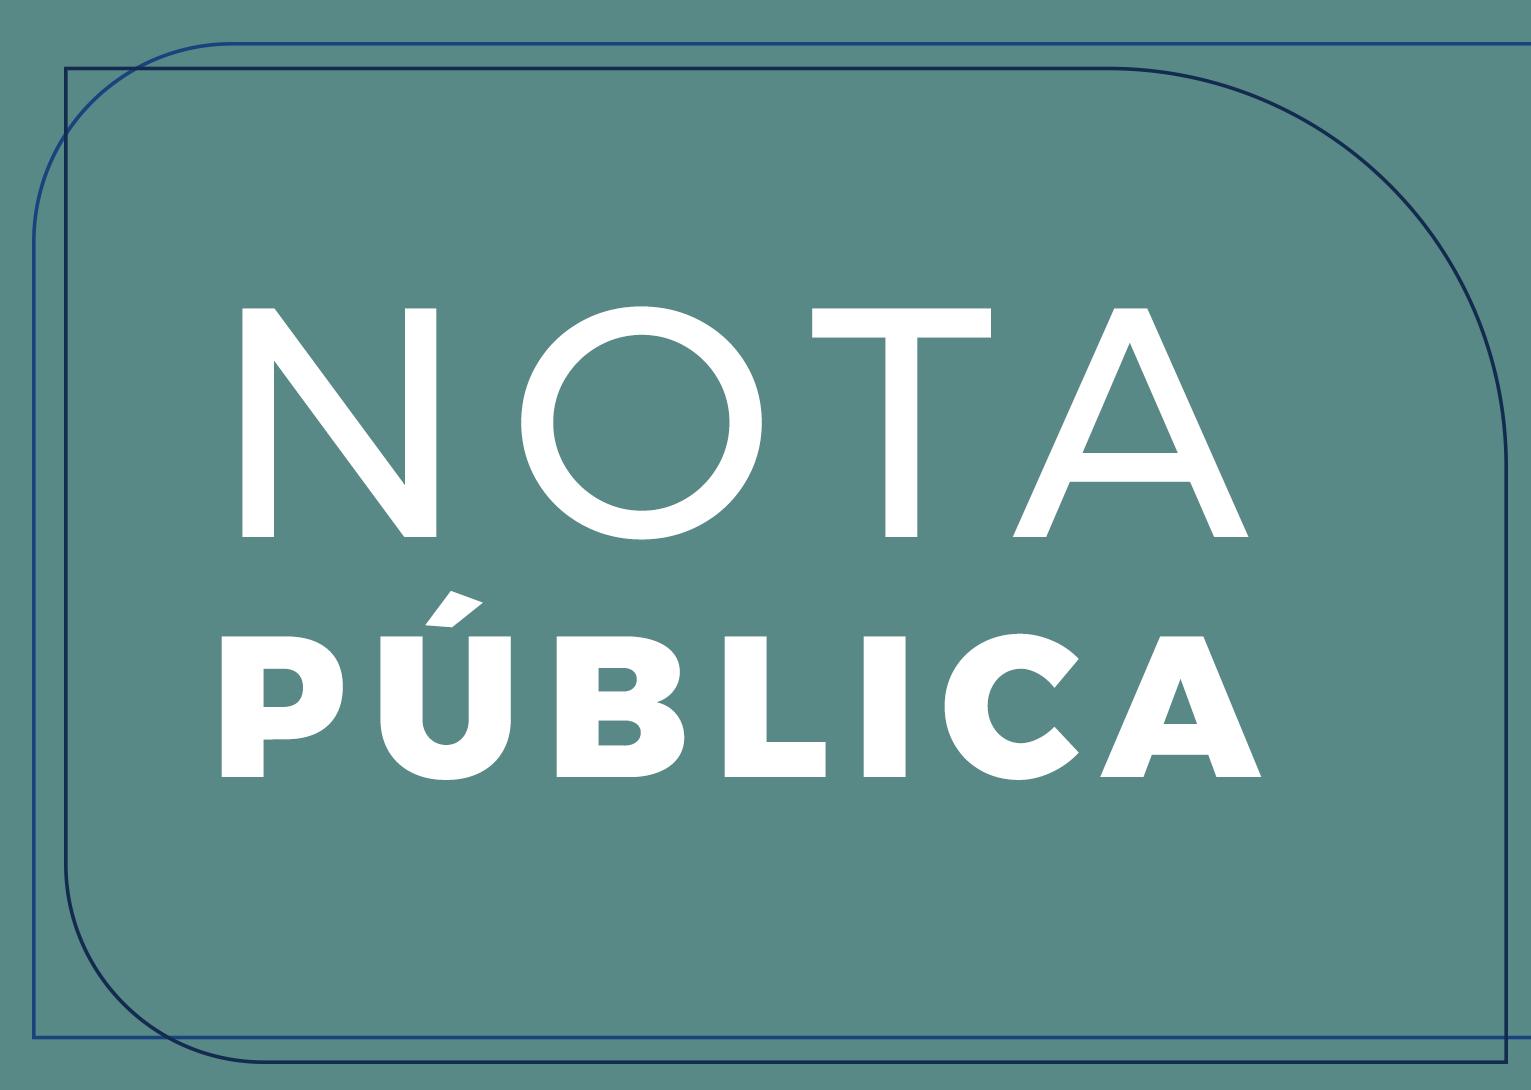 NOTA PÚBLICA - EM DEFESA DA SAÚDE DE PORTO ALEGRE